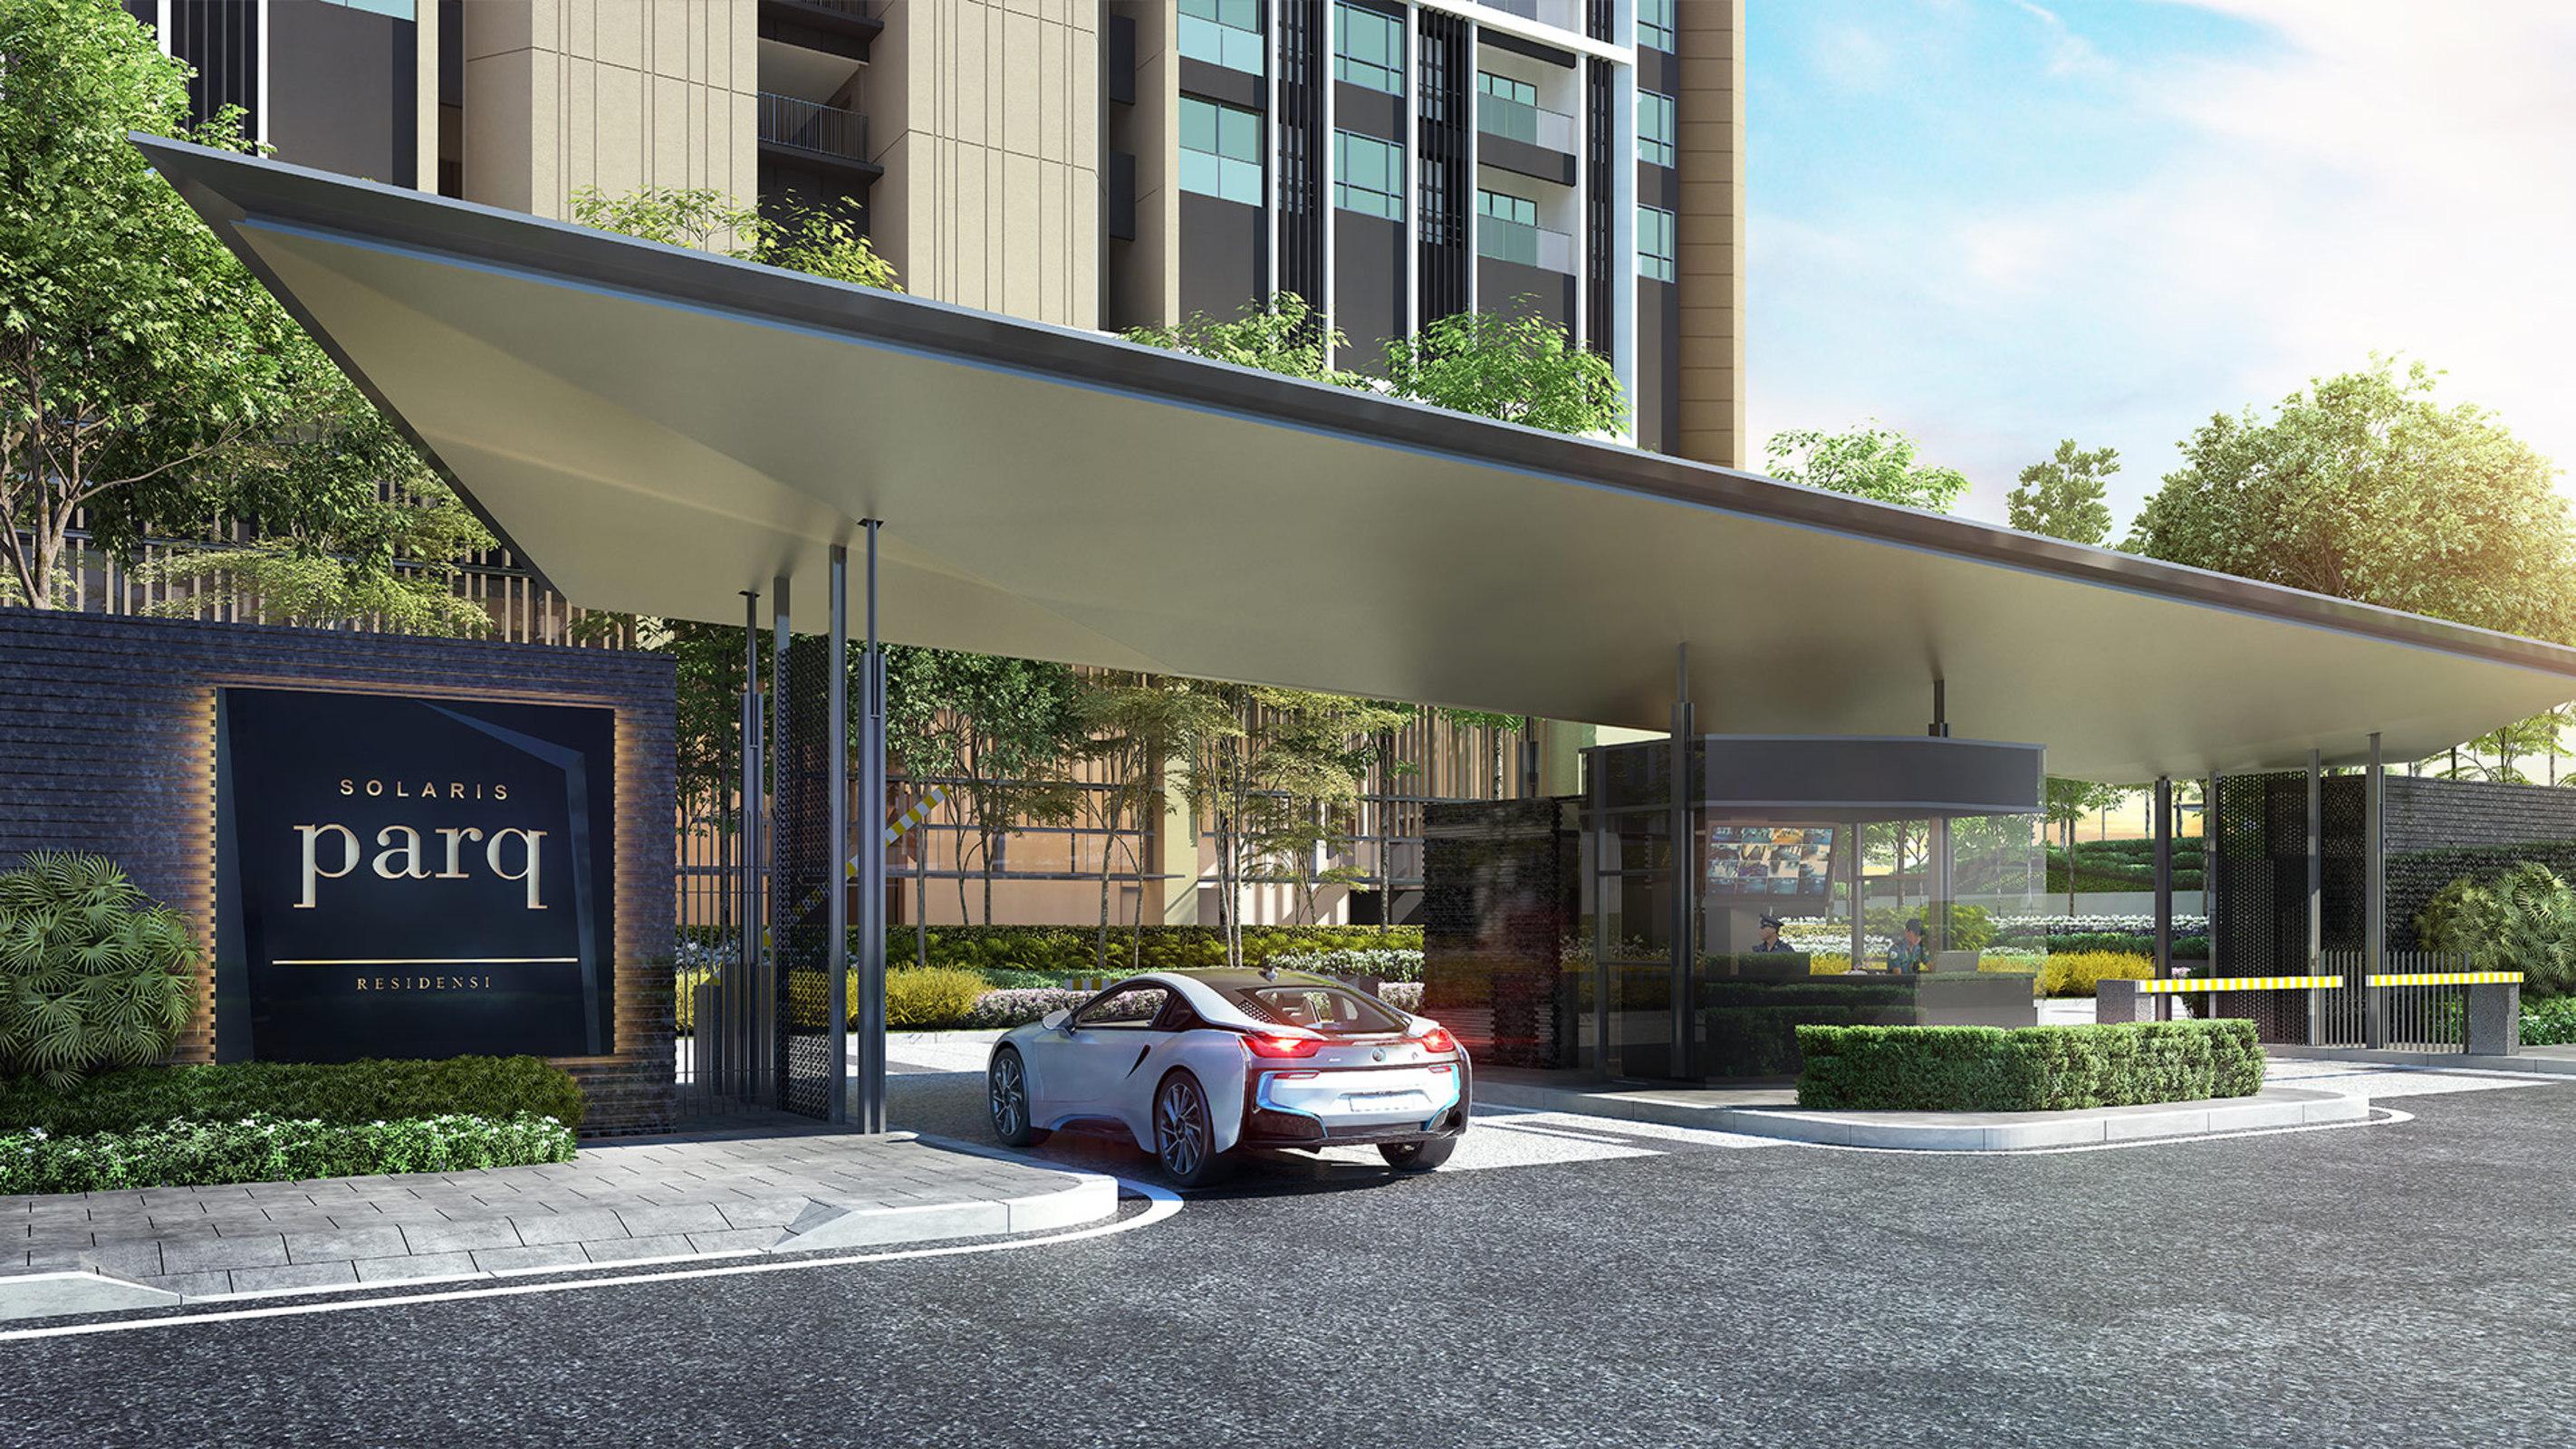 Dutamas house for sale solaris parq residensi 5